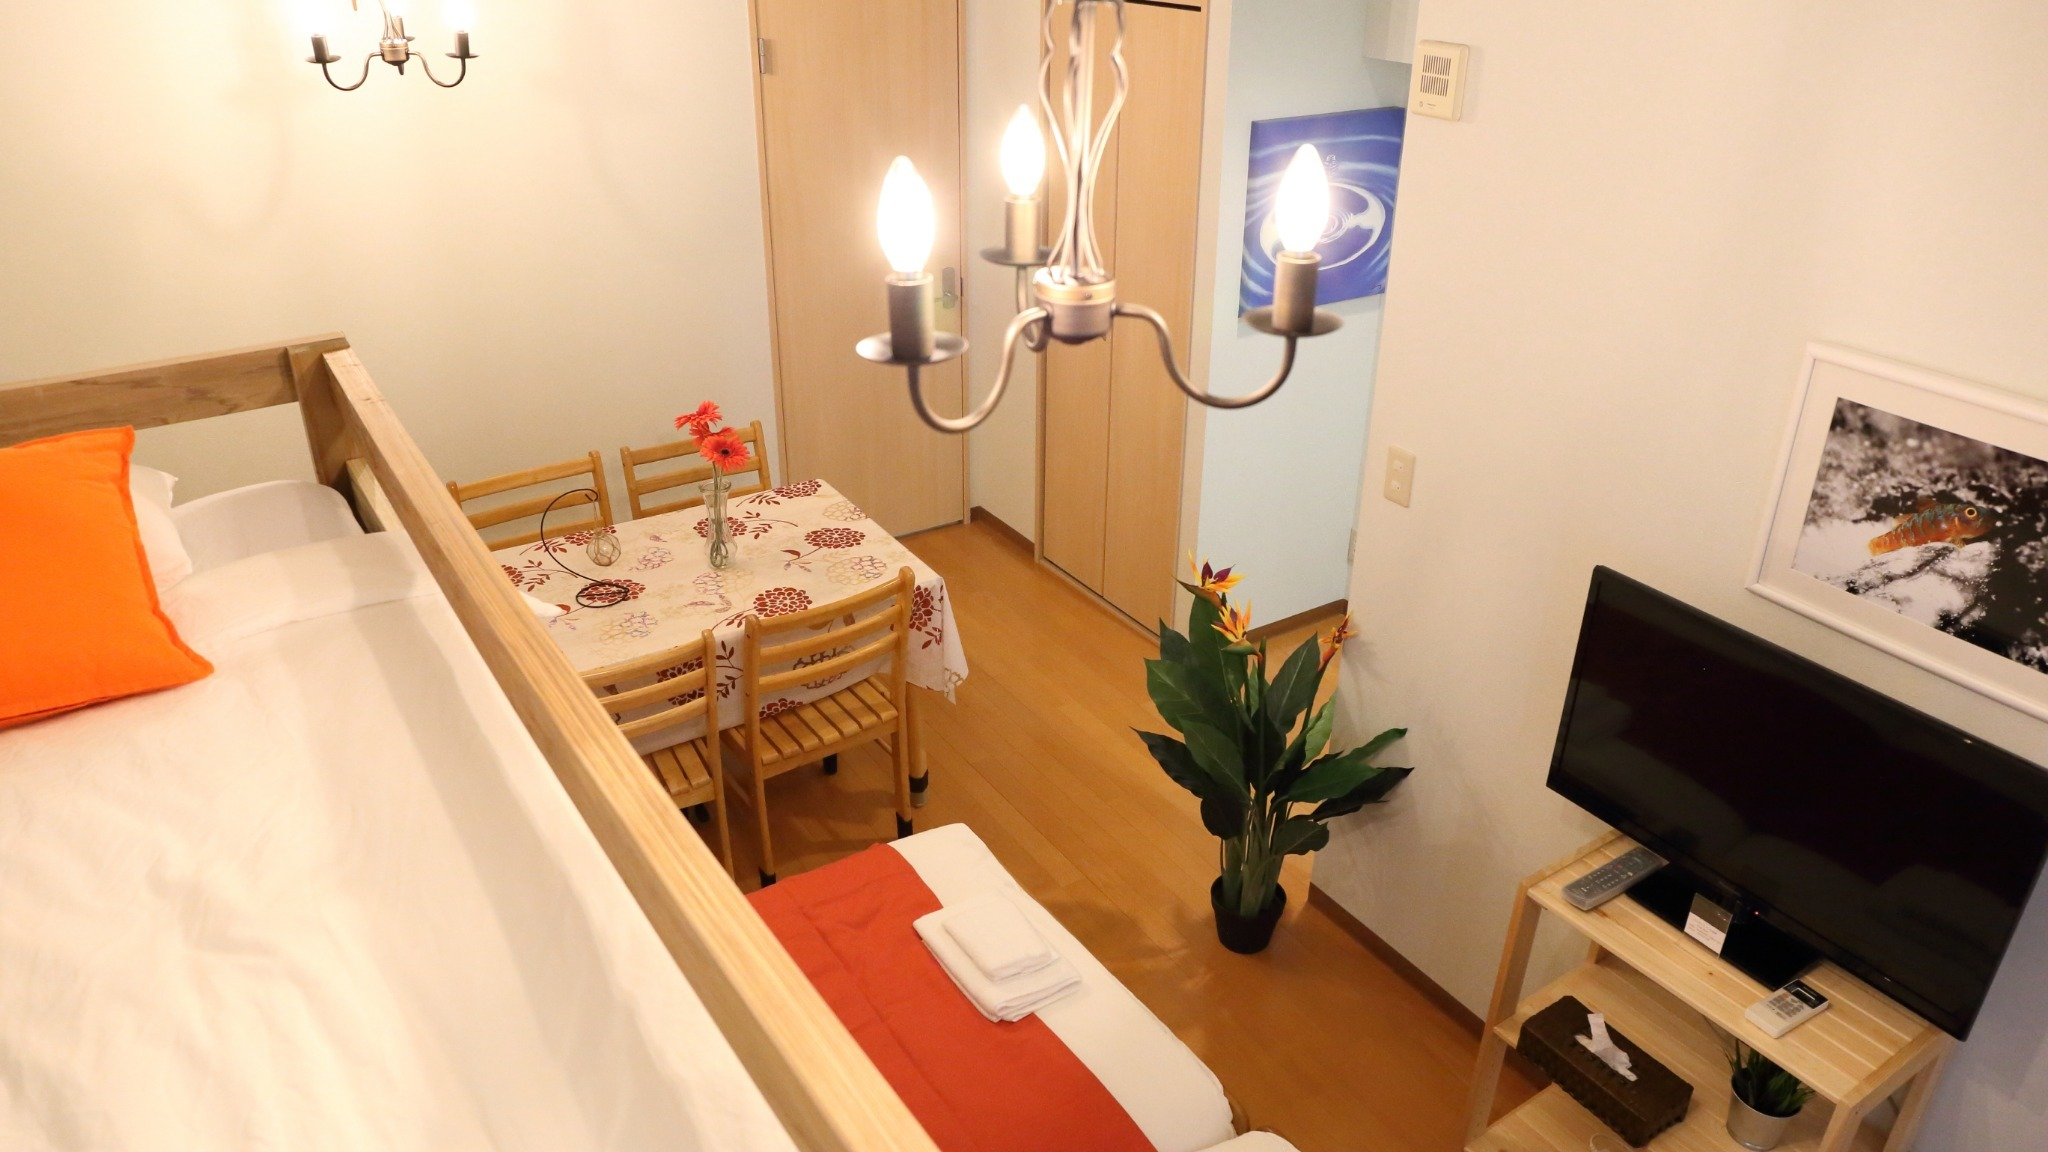 石垣島貸切アパートメント、観光から長期滞在まで便利で快適なリ